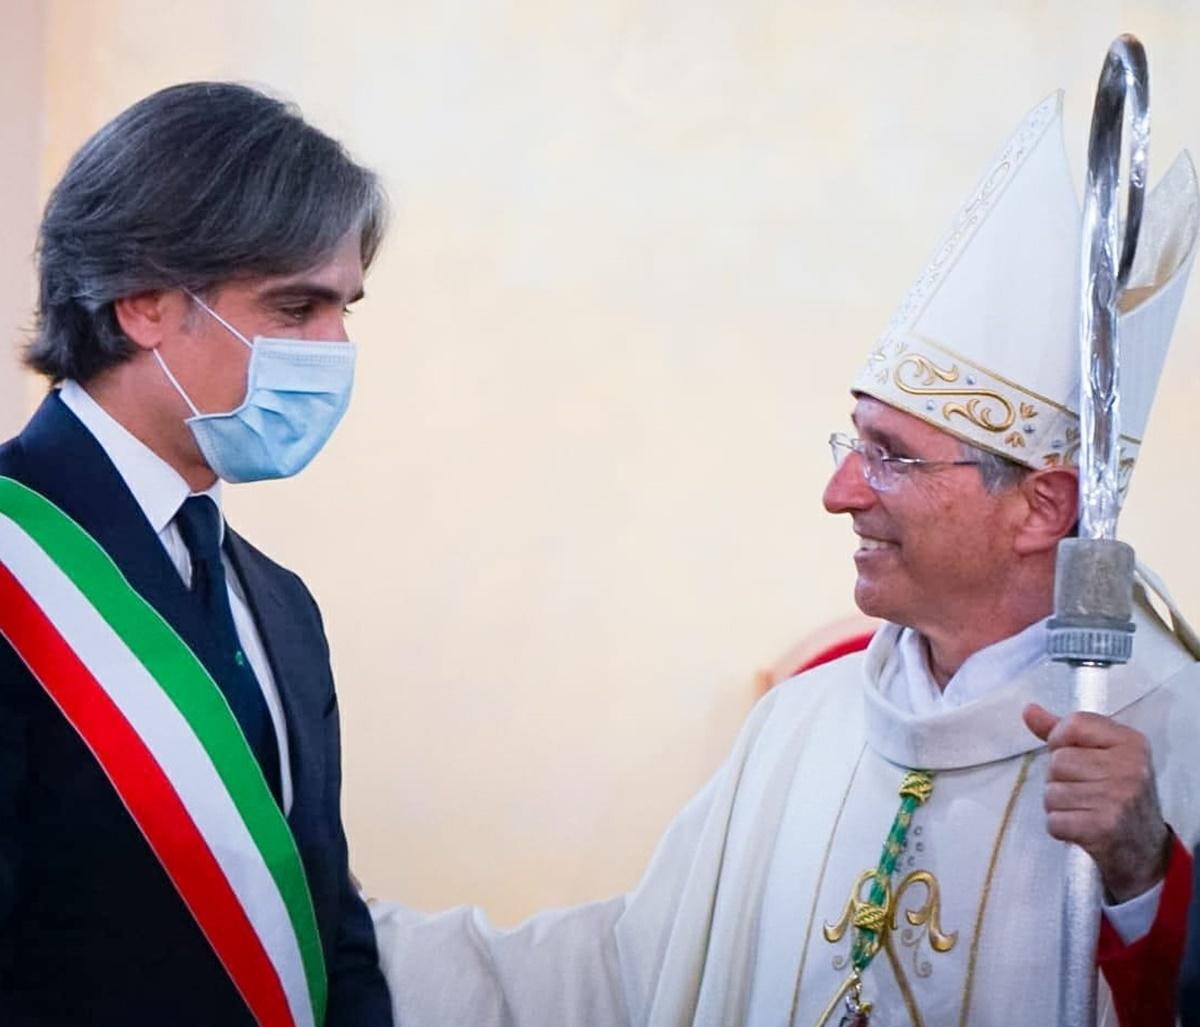 Reggio Calabria pronta ad accogliere il nuovo arcivescovo Fortunato Morrone